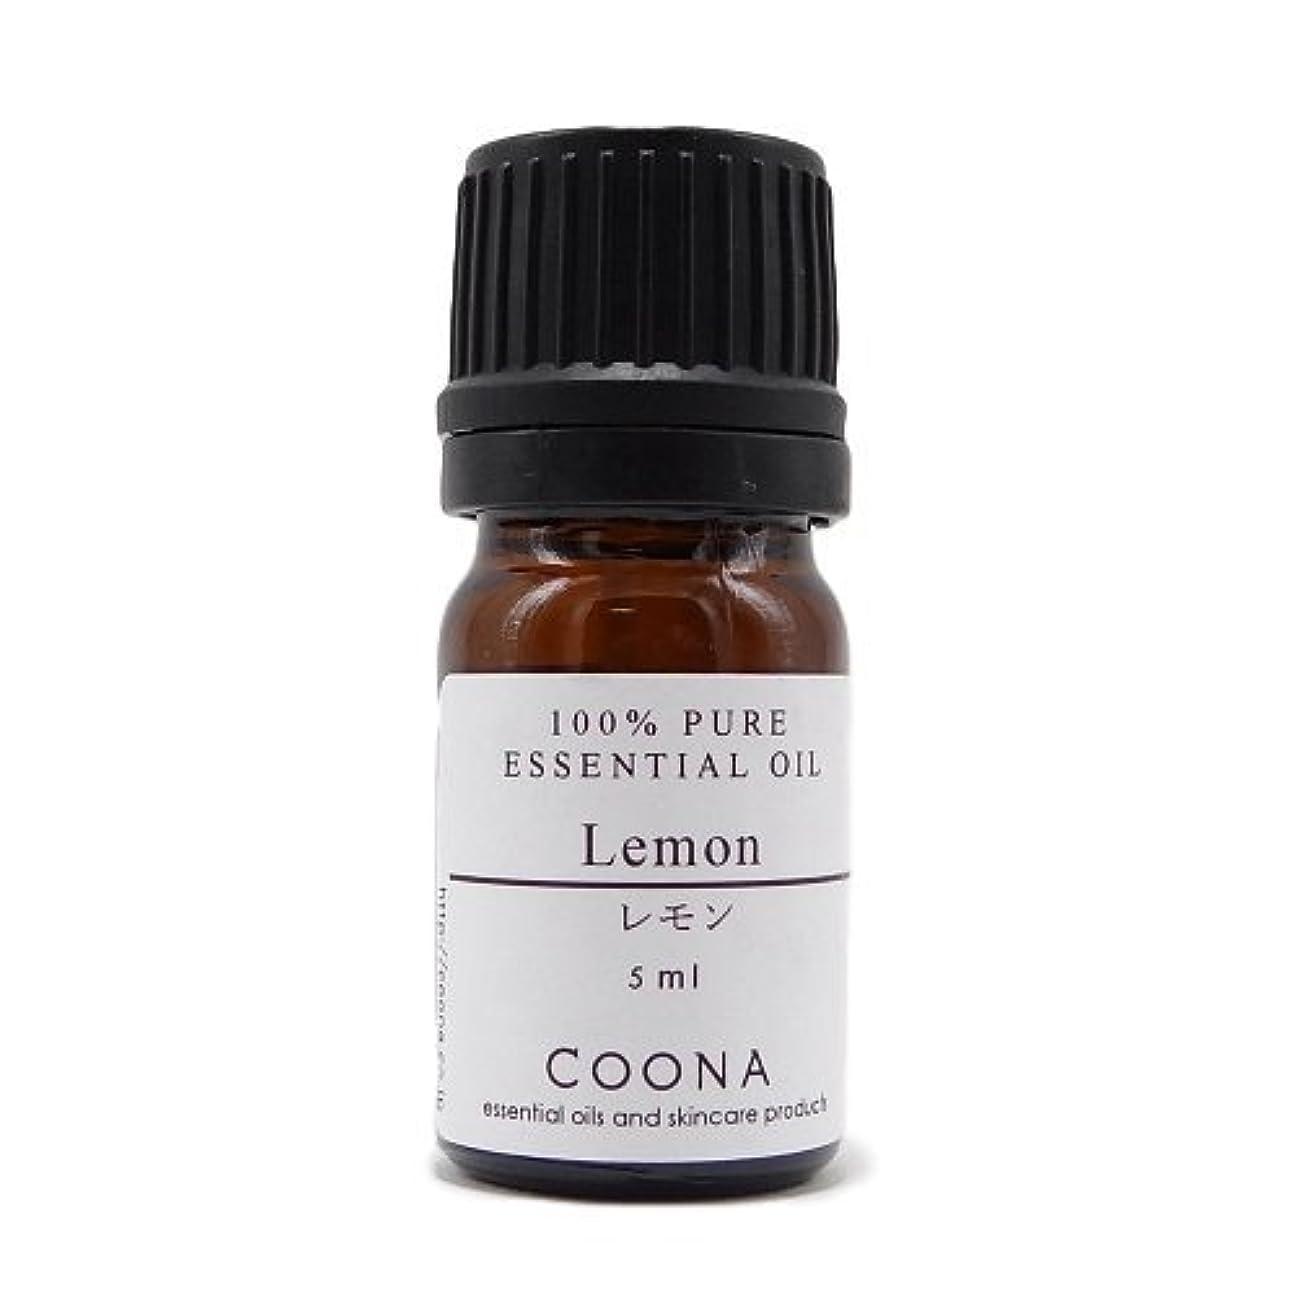 リンス爆弾合図レモン 5 ml (COONA エッセンシャルオイル アロマオイル 100%天然植物精油)